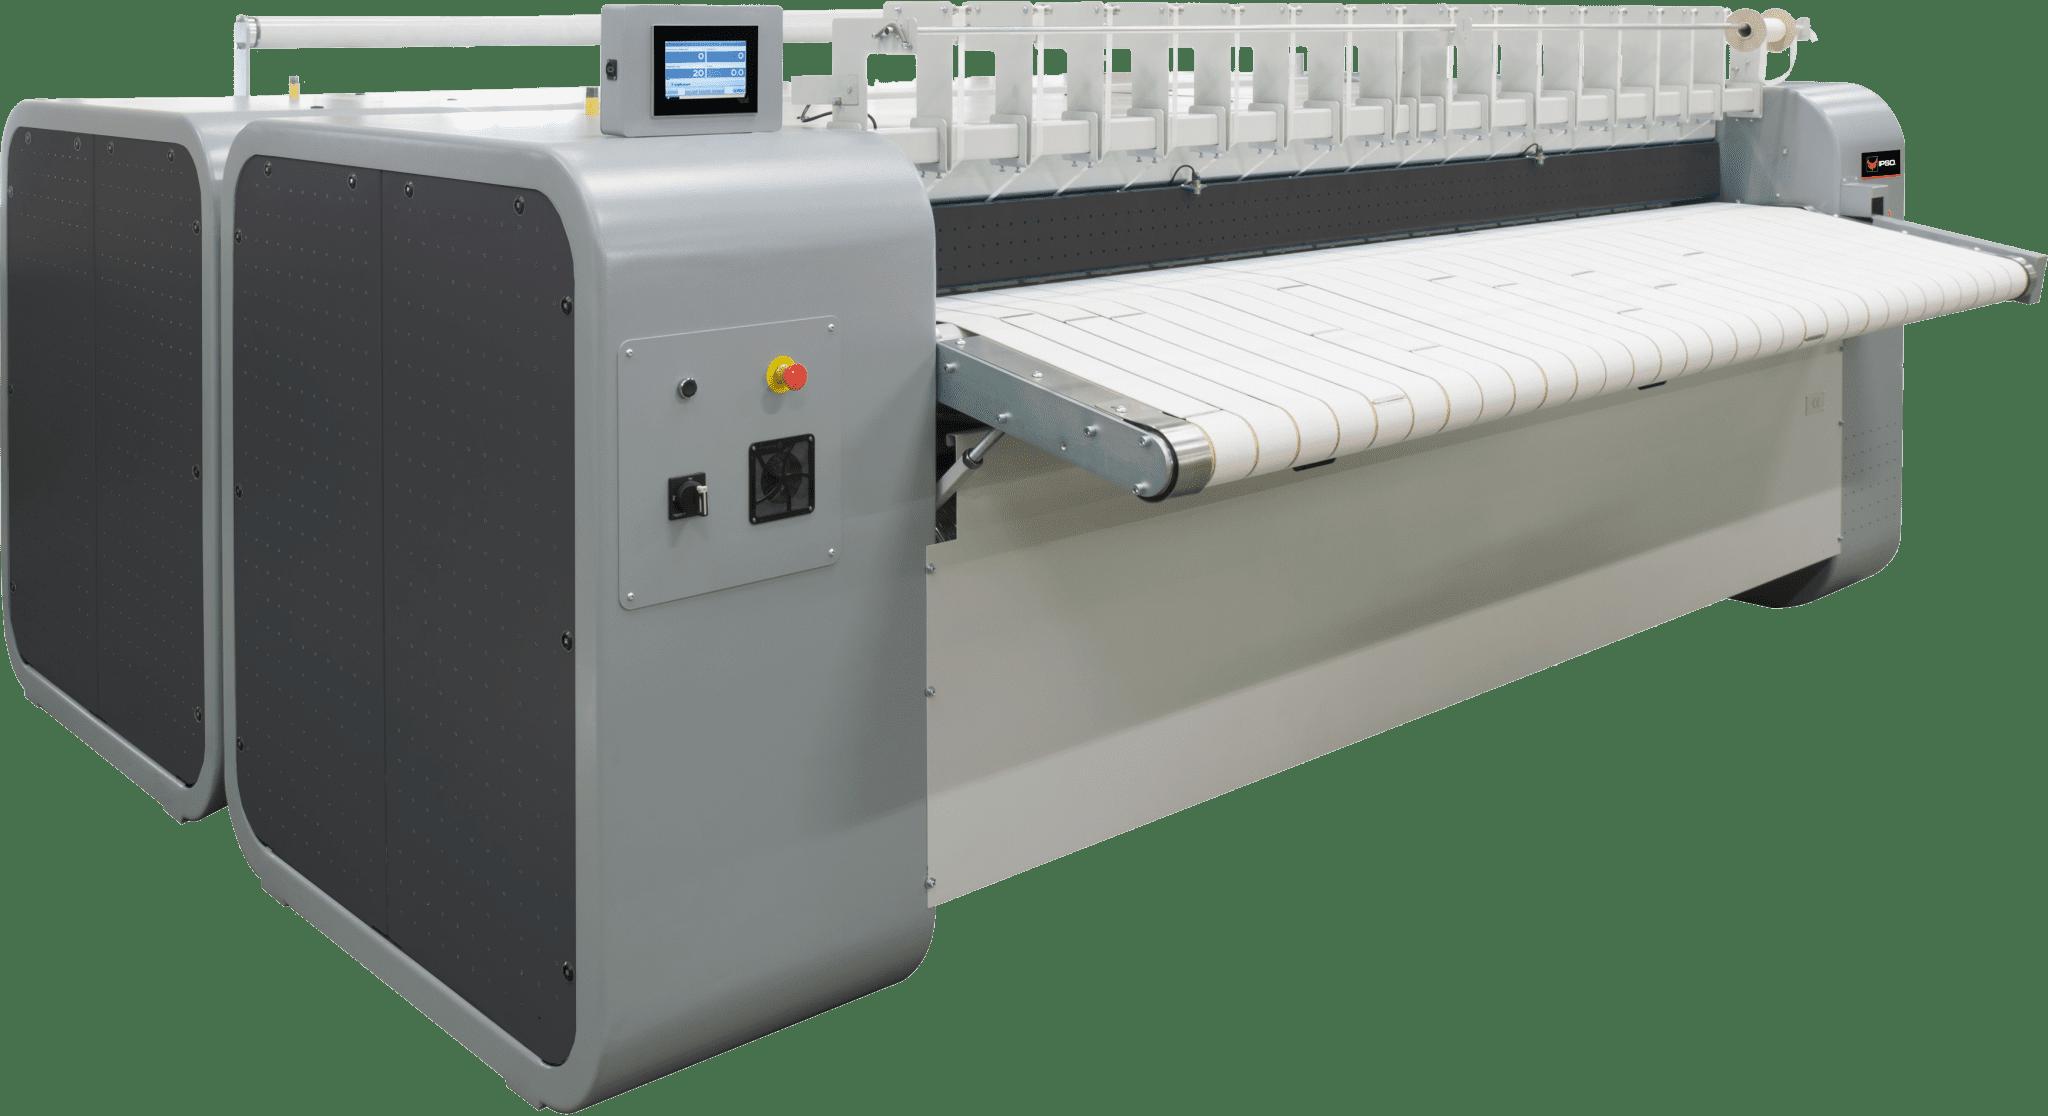 IPSO 2 roll ironer